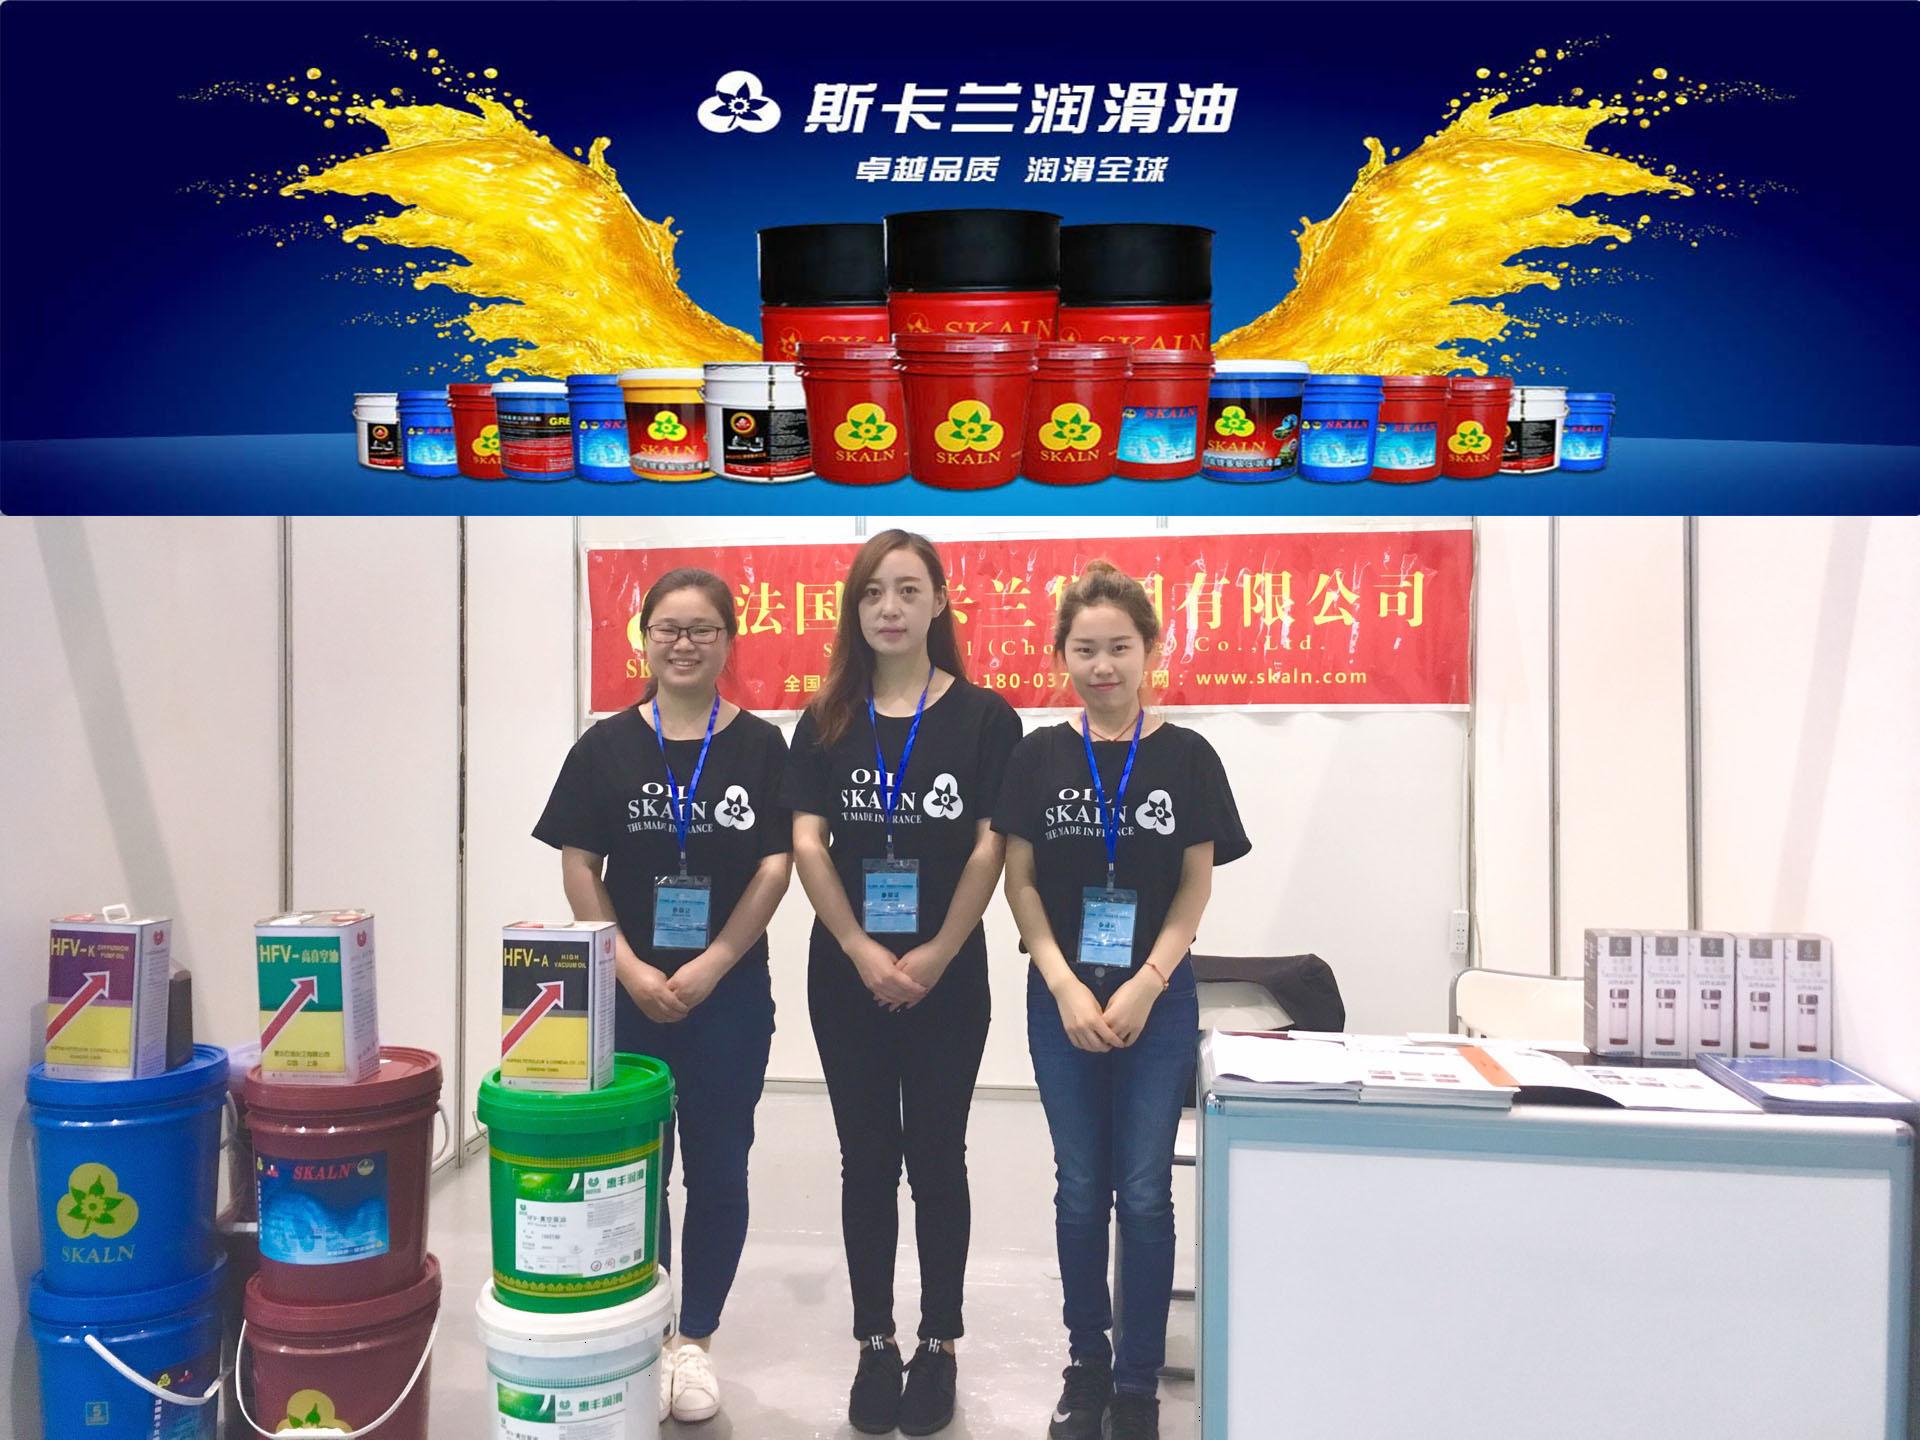 斯卡兰润滑油公司2018年重庆SF EXPO展会取得圆满成功